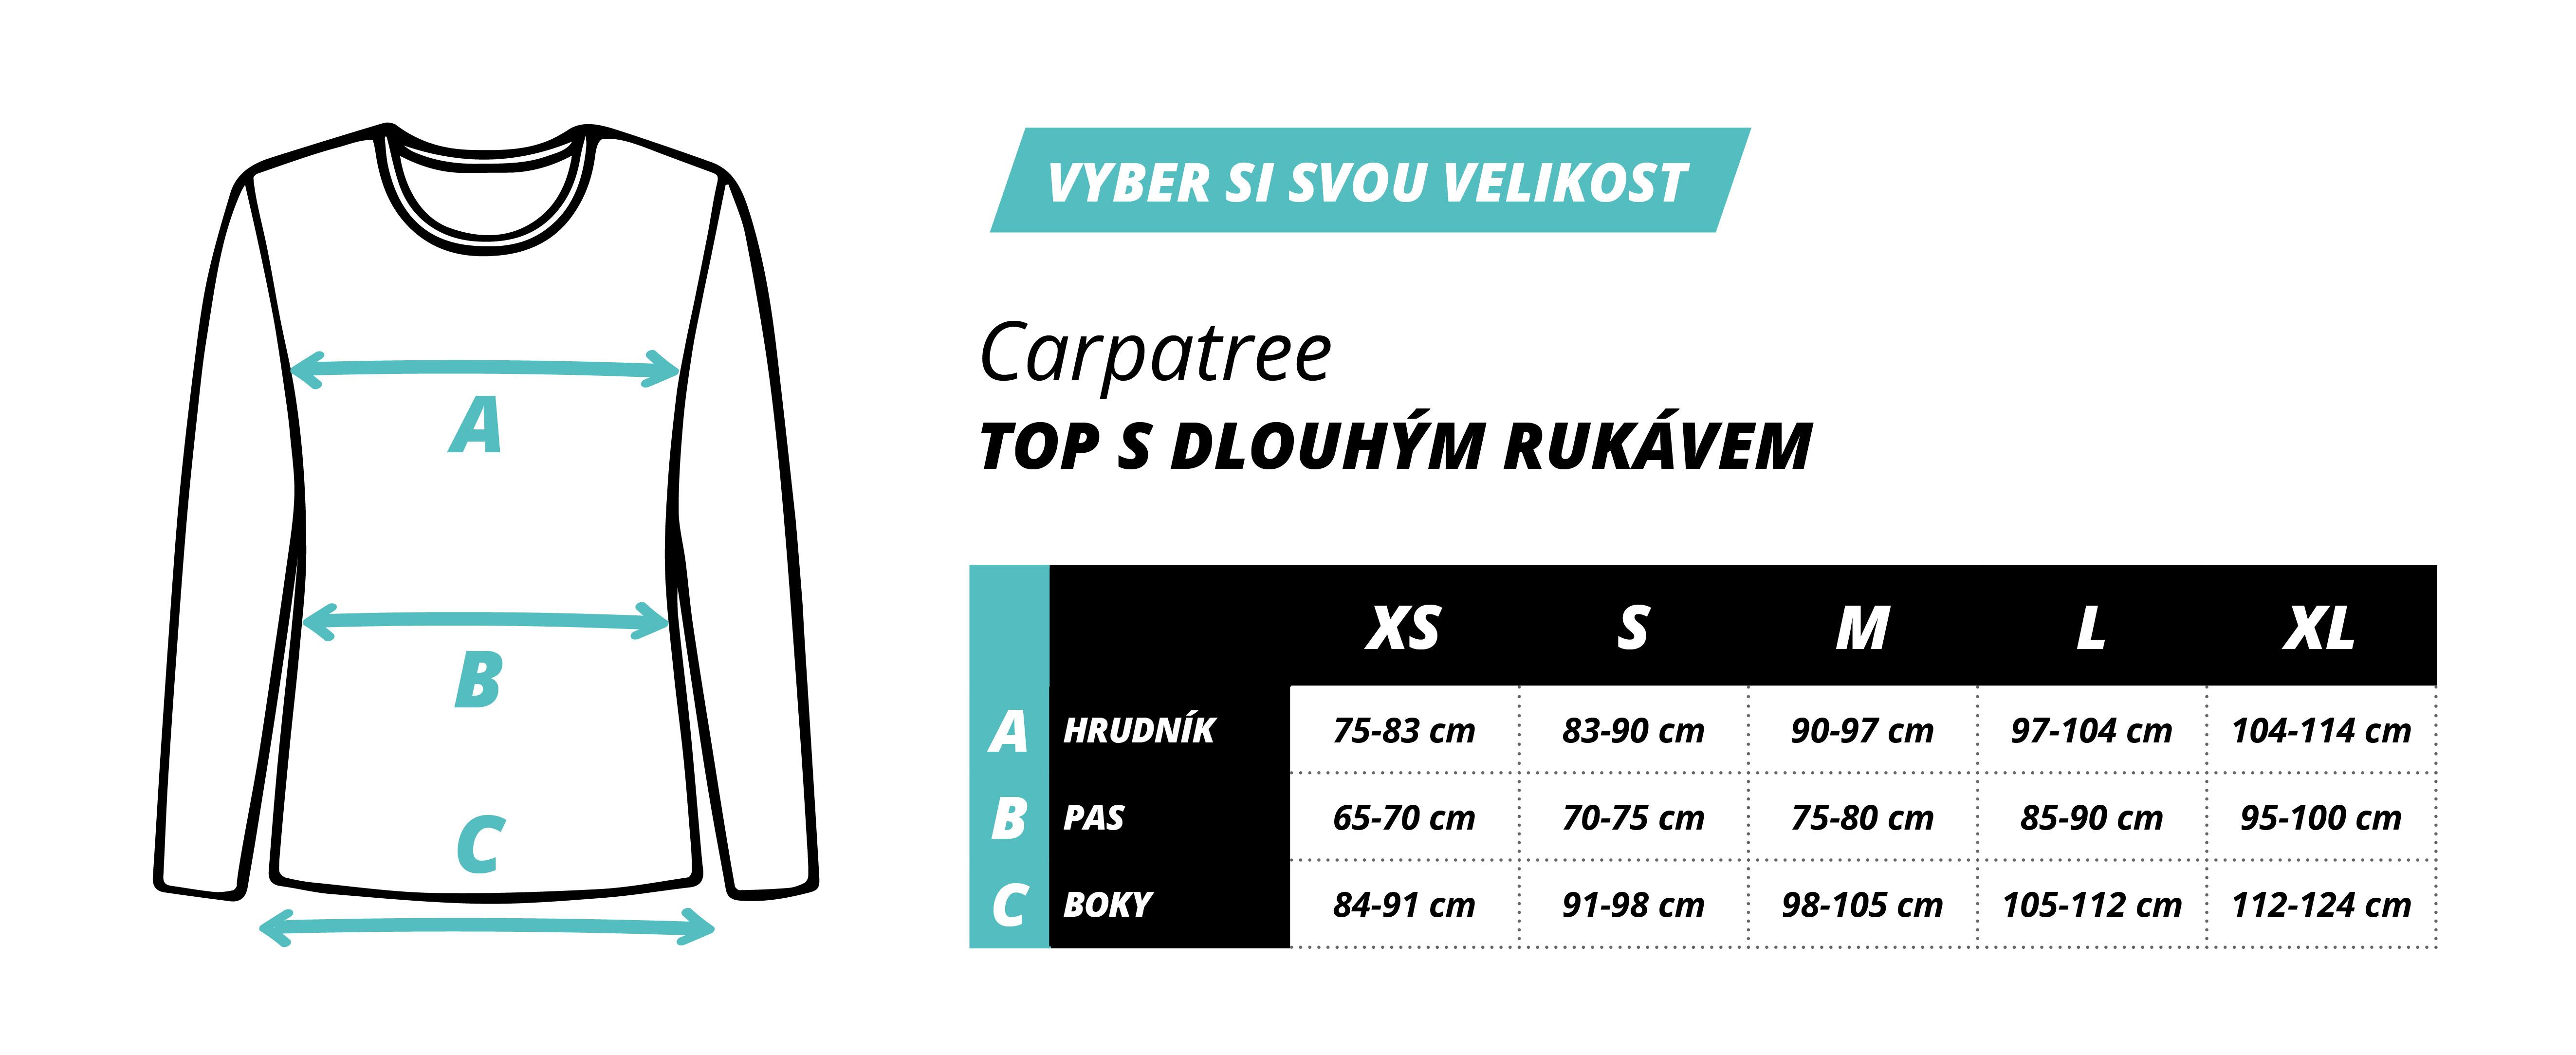 trendly_velikosti_dlouh_ruk_v_carpetree